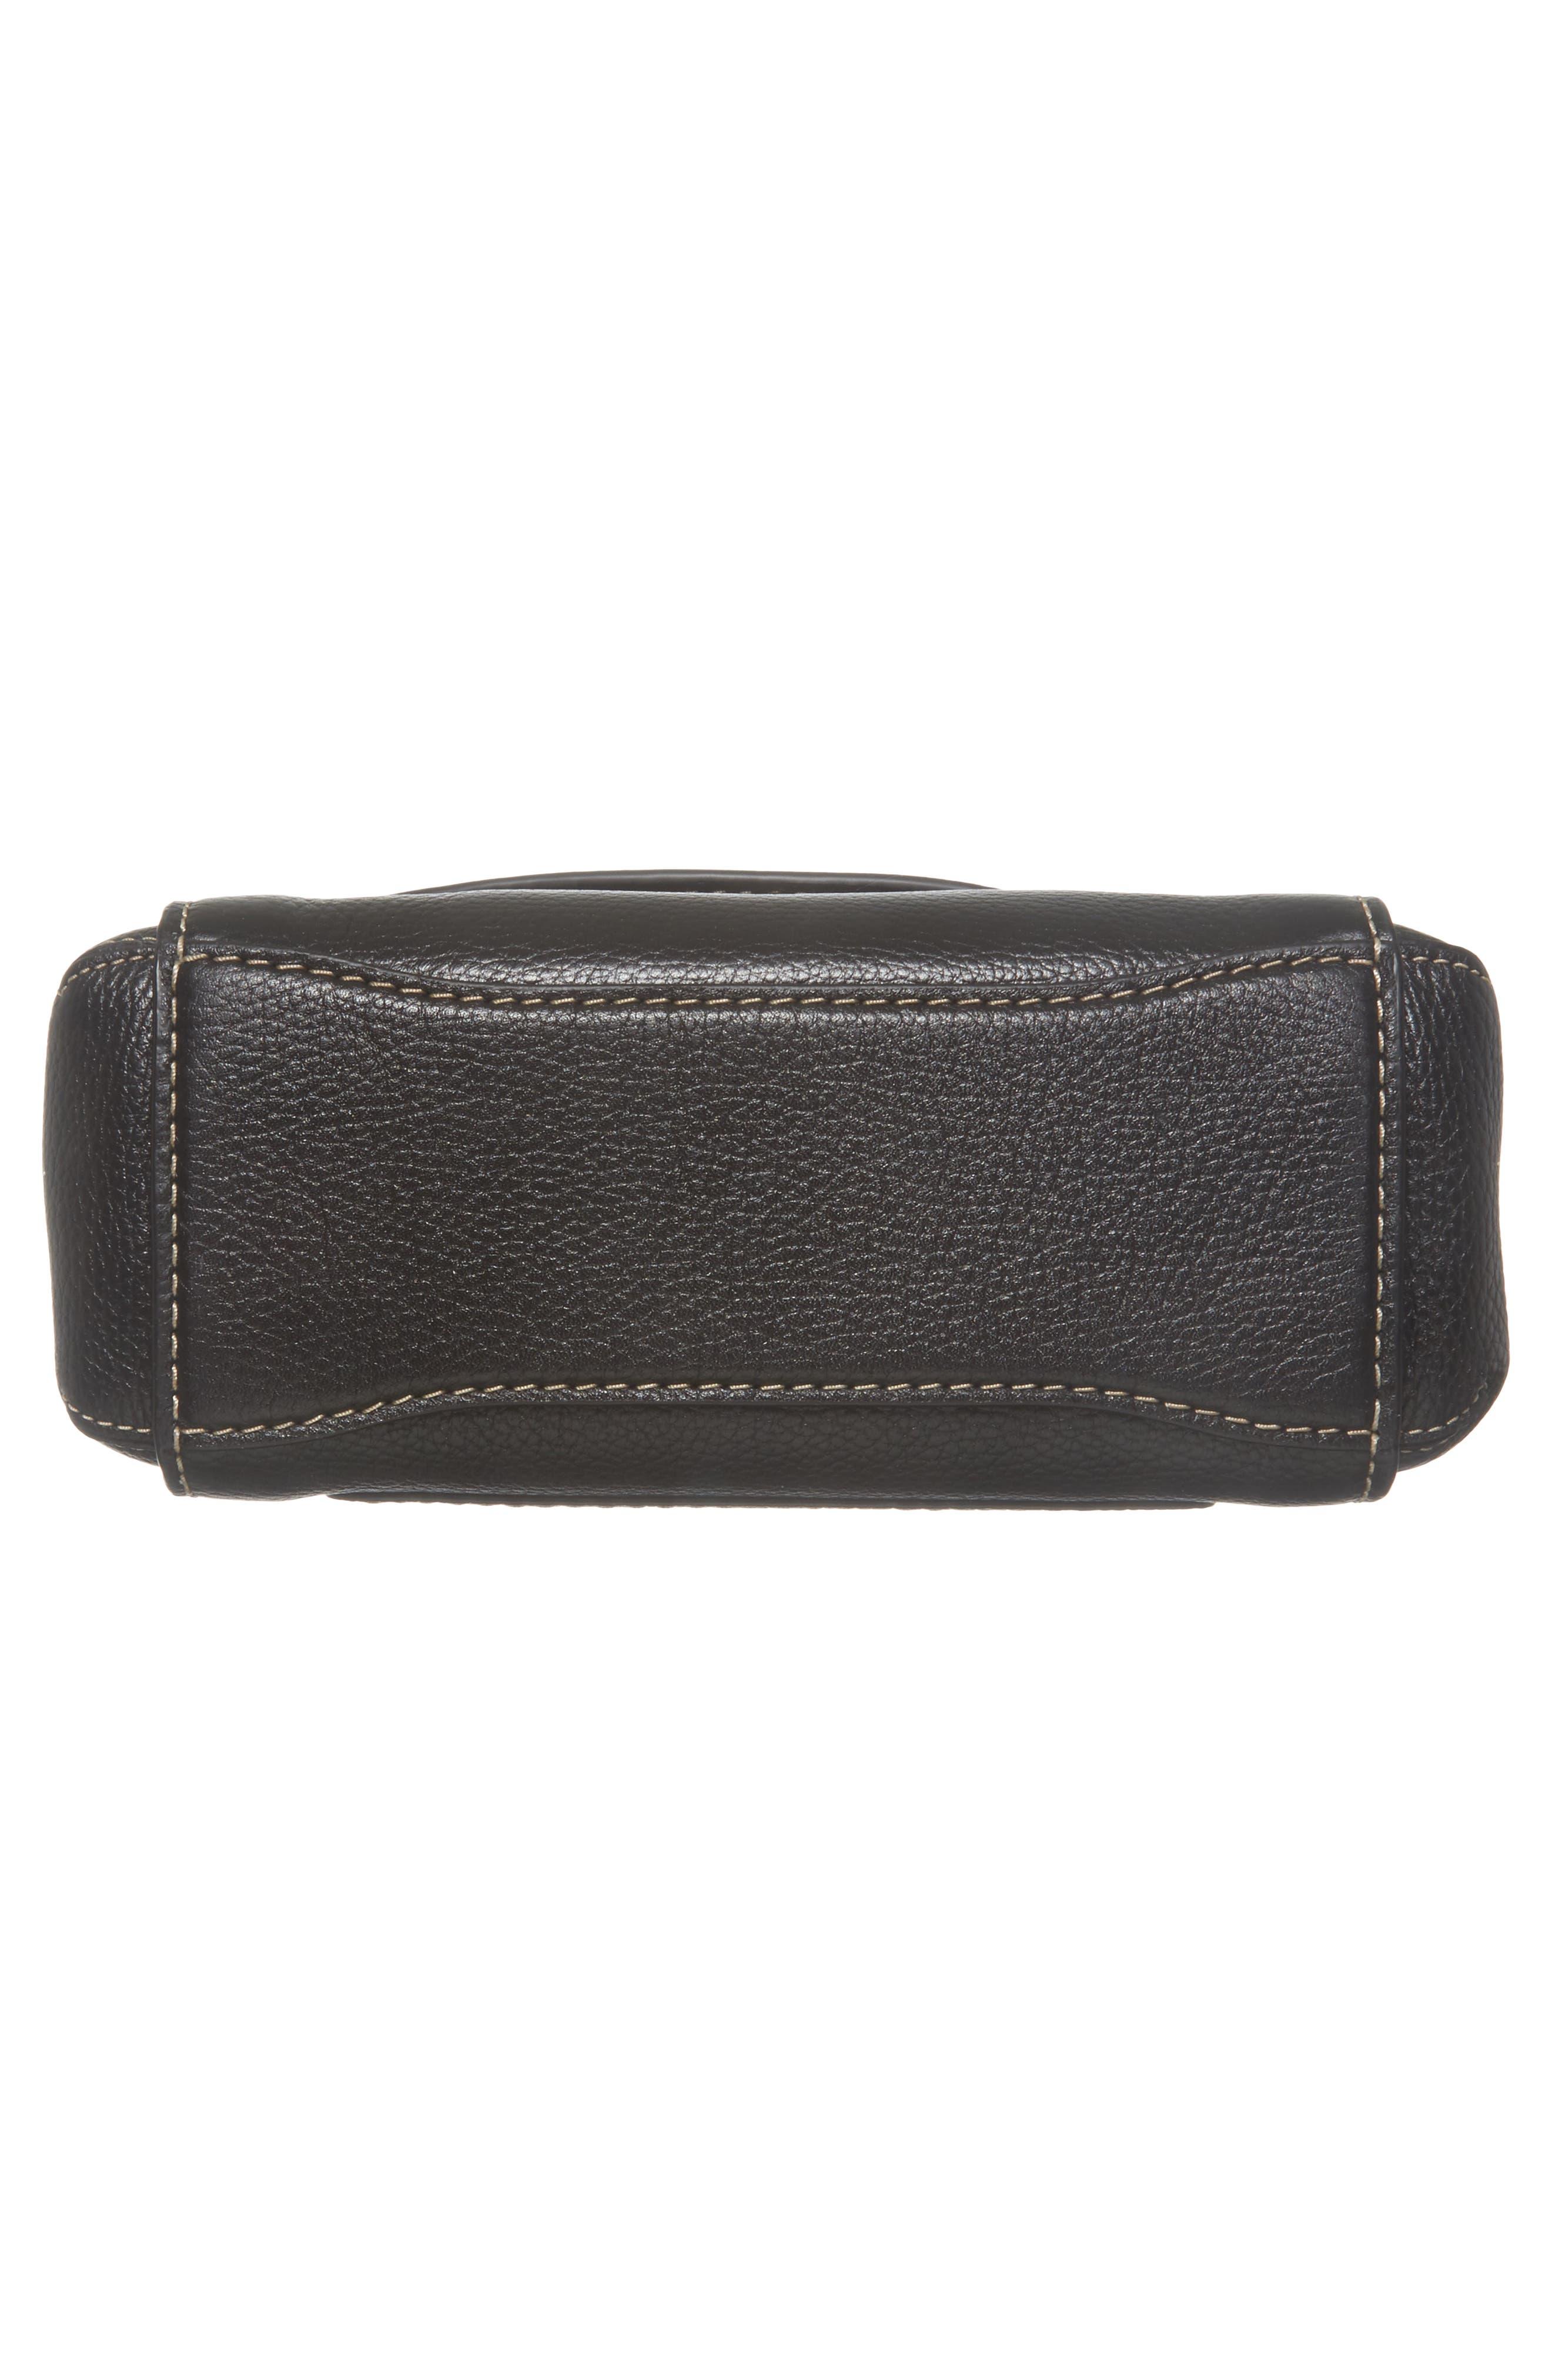 Mini The Boho Grind Leather Shoulder Bag,                             Alternate thumbnail 6, color,                             014